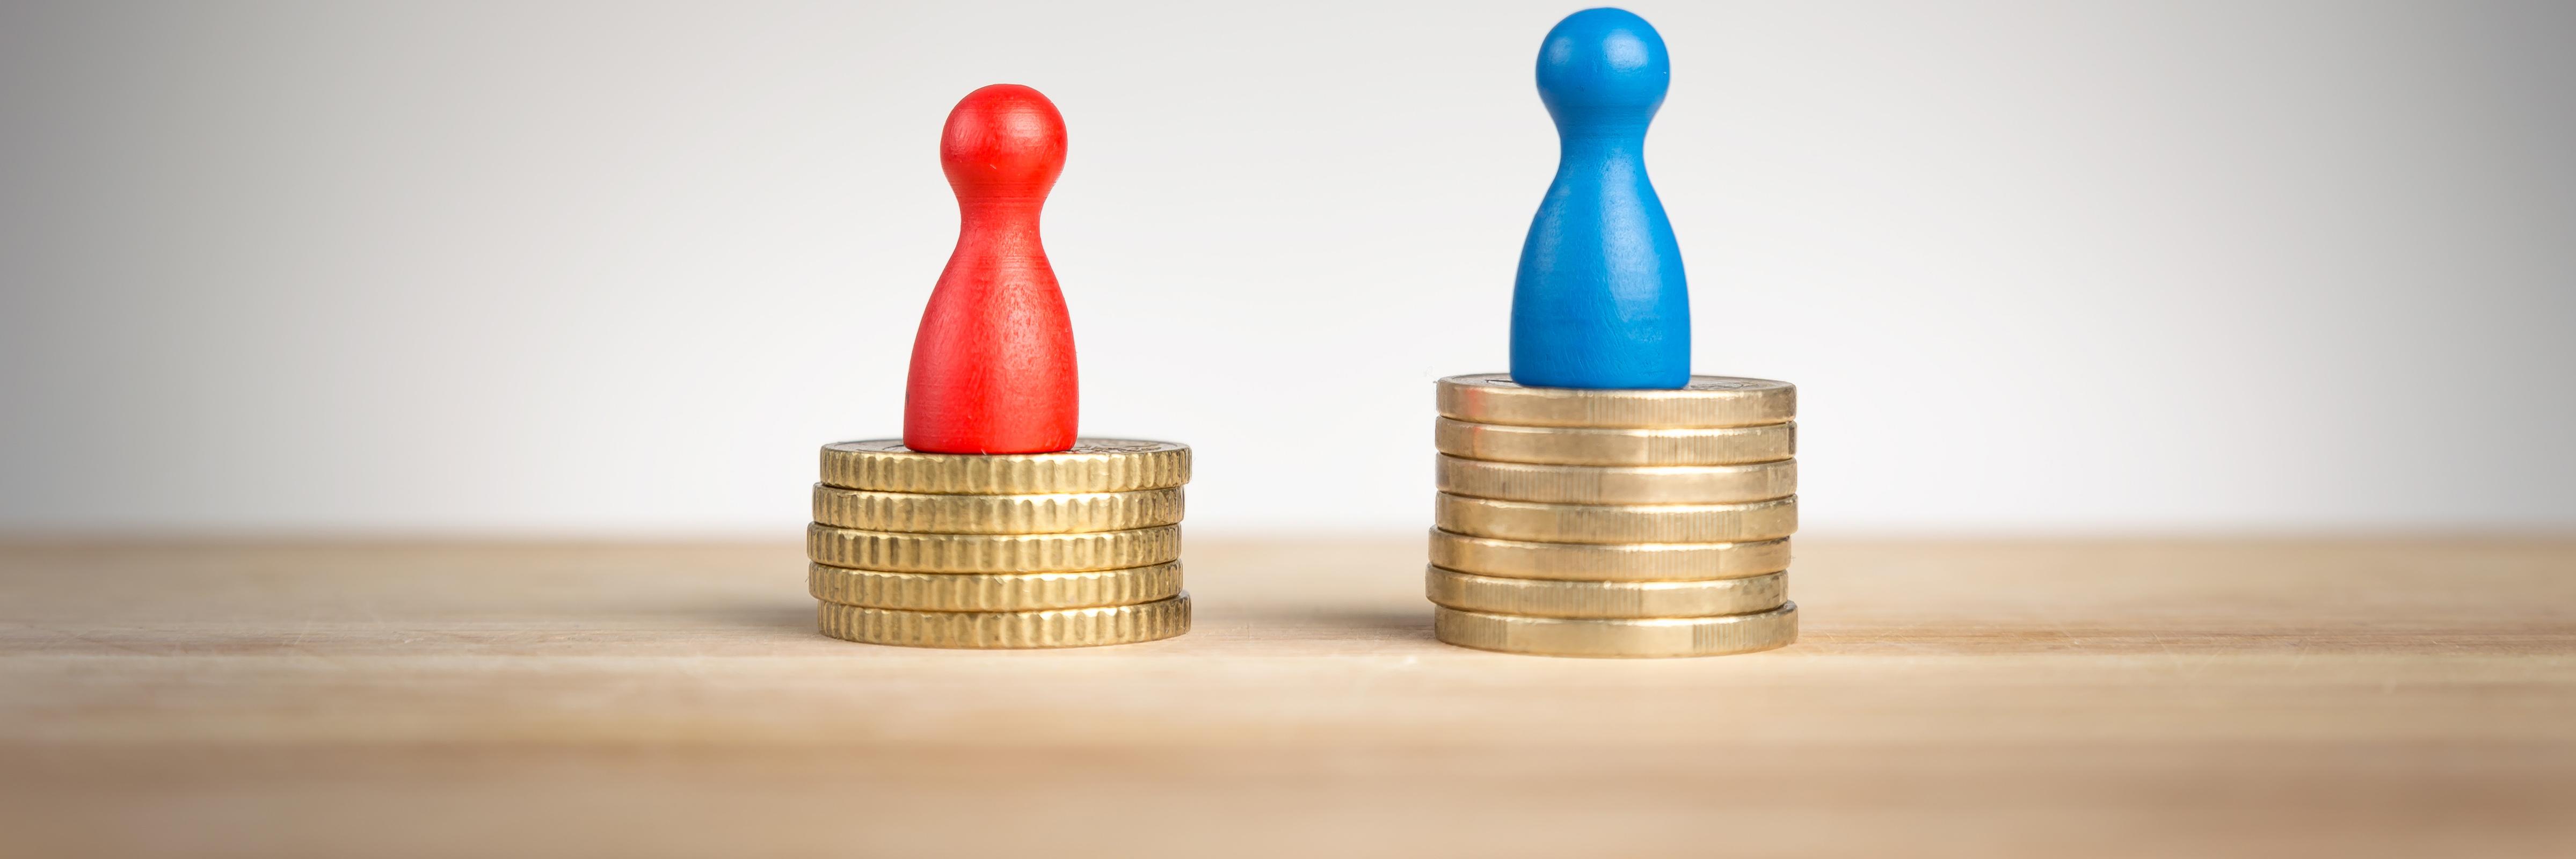 Eliminarea diferențelor financiare dintre femei și bărbați în IT